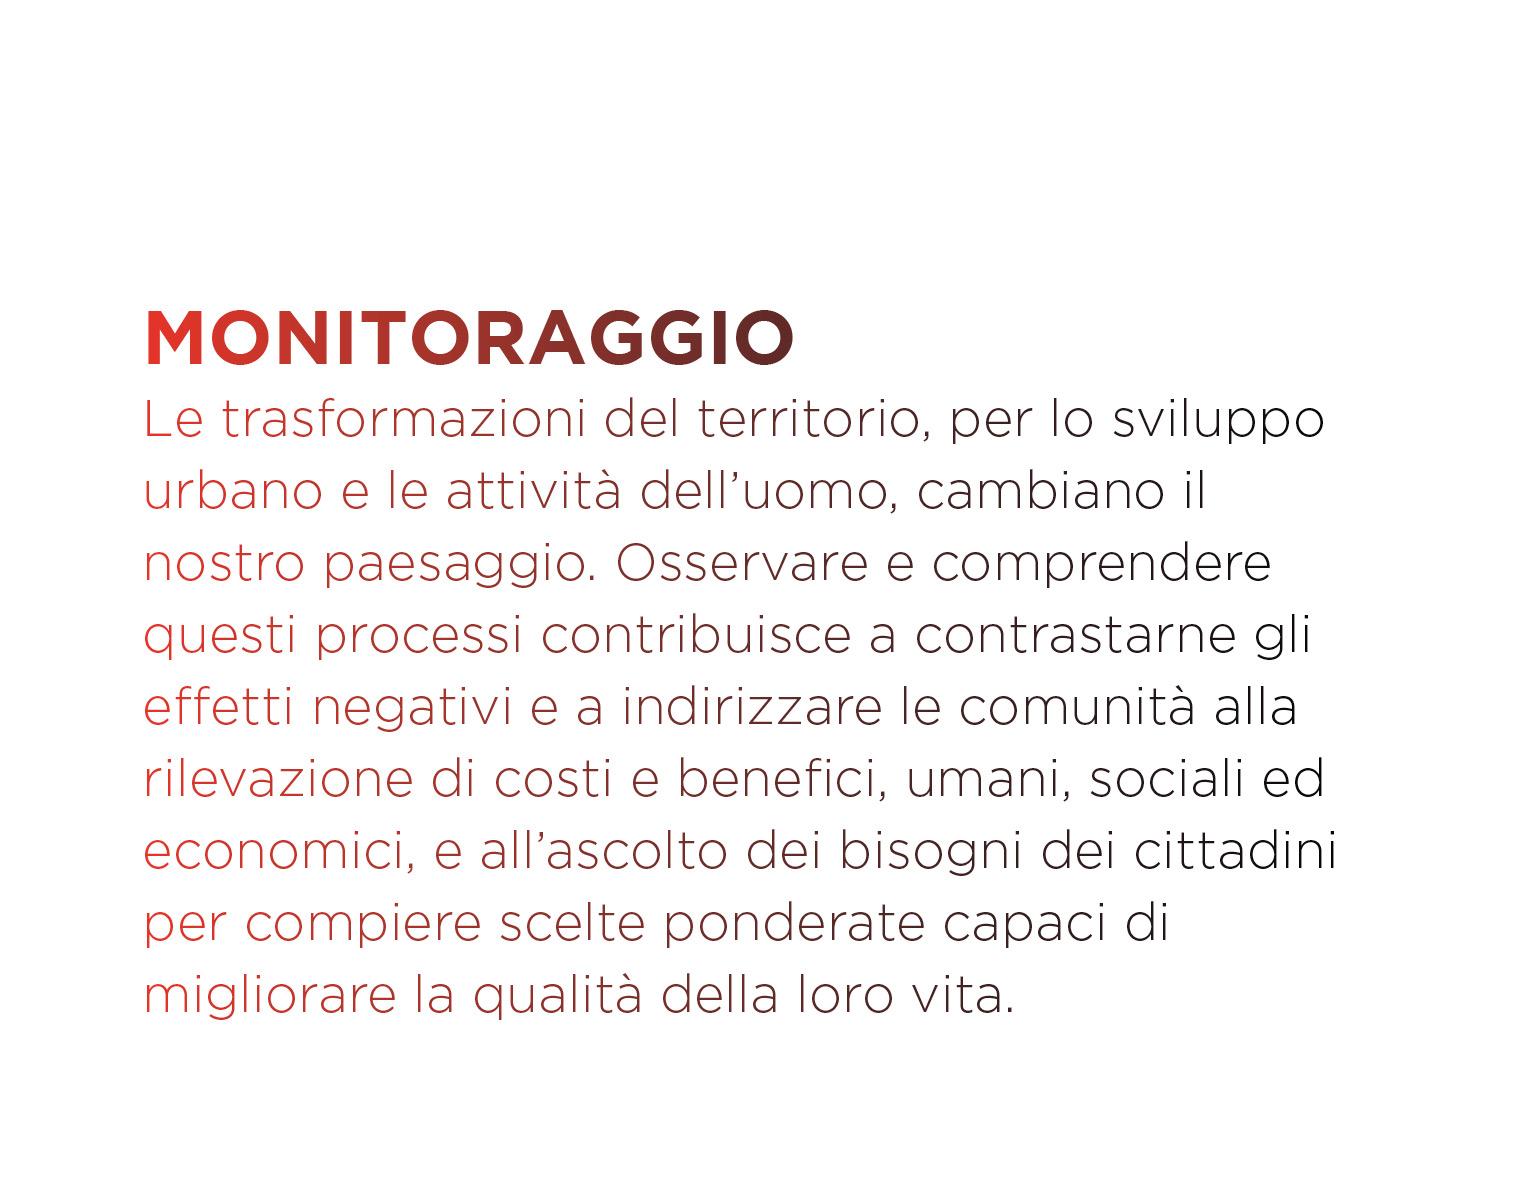 Redesign Agenzia Comunicazione Bologna Osservatorio Regionale Emilia-Romagna